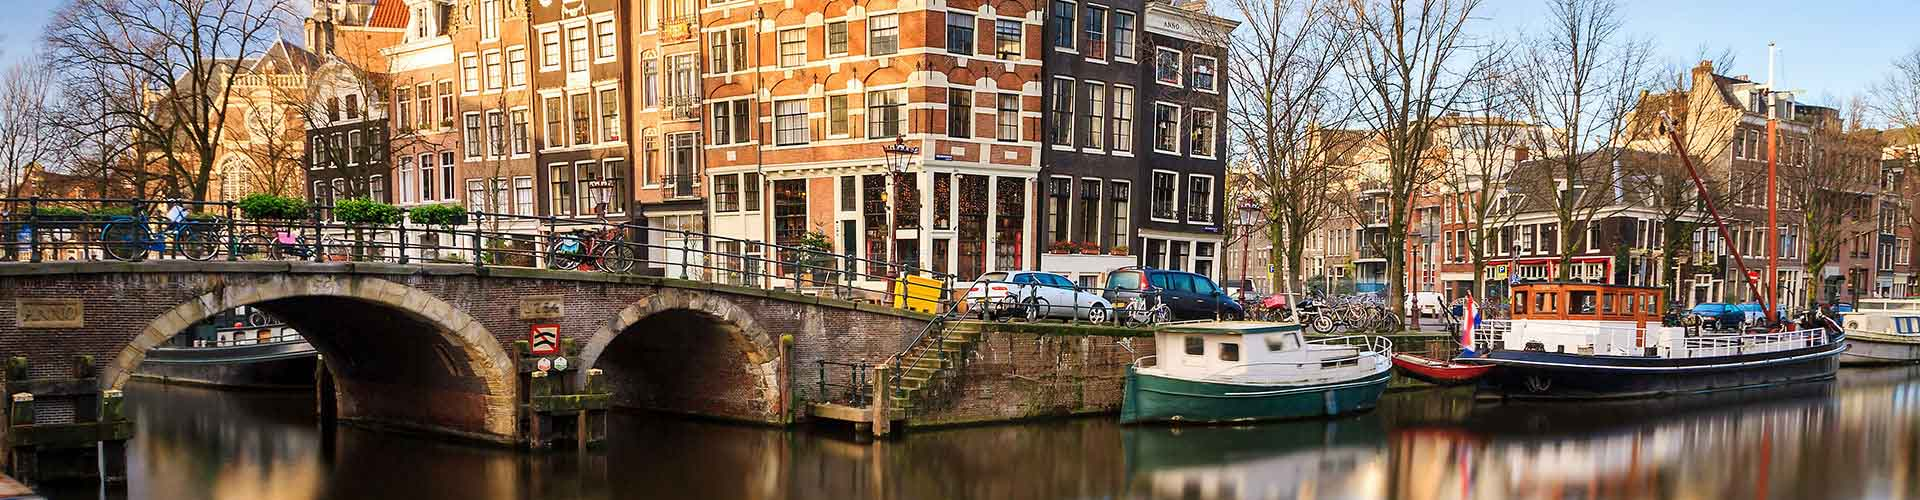 Amsterdam - Auberges de jeunesse à Amsterdam. Cartes pour Amsterdam, photos et commentaires pour chaque auberge de jeunesse à Amsterdam.